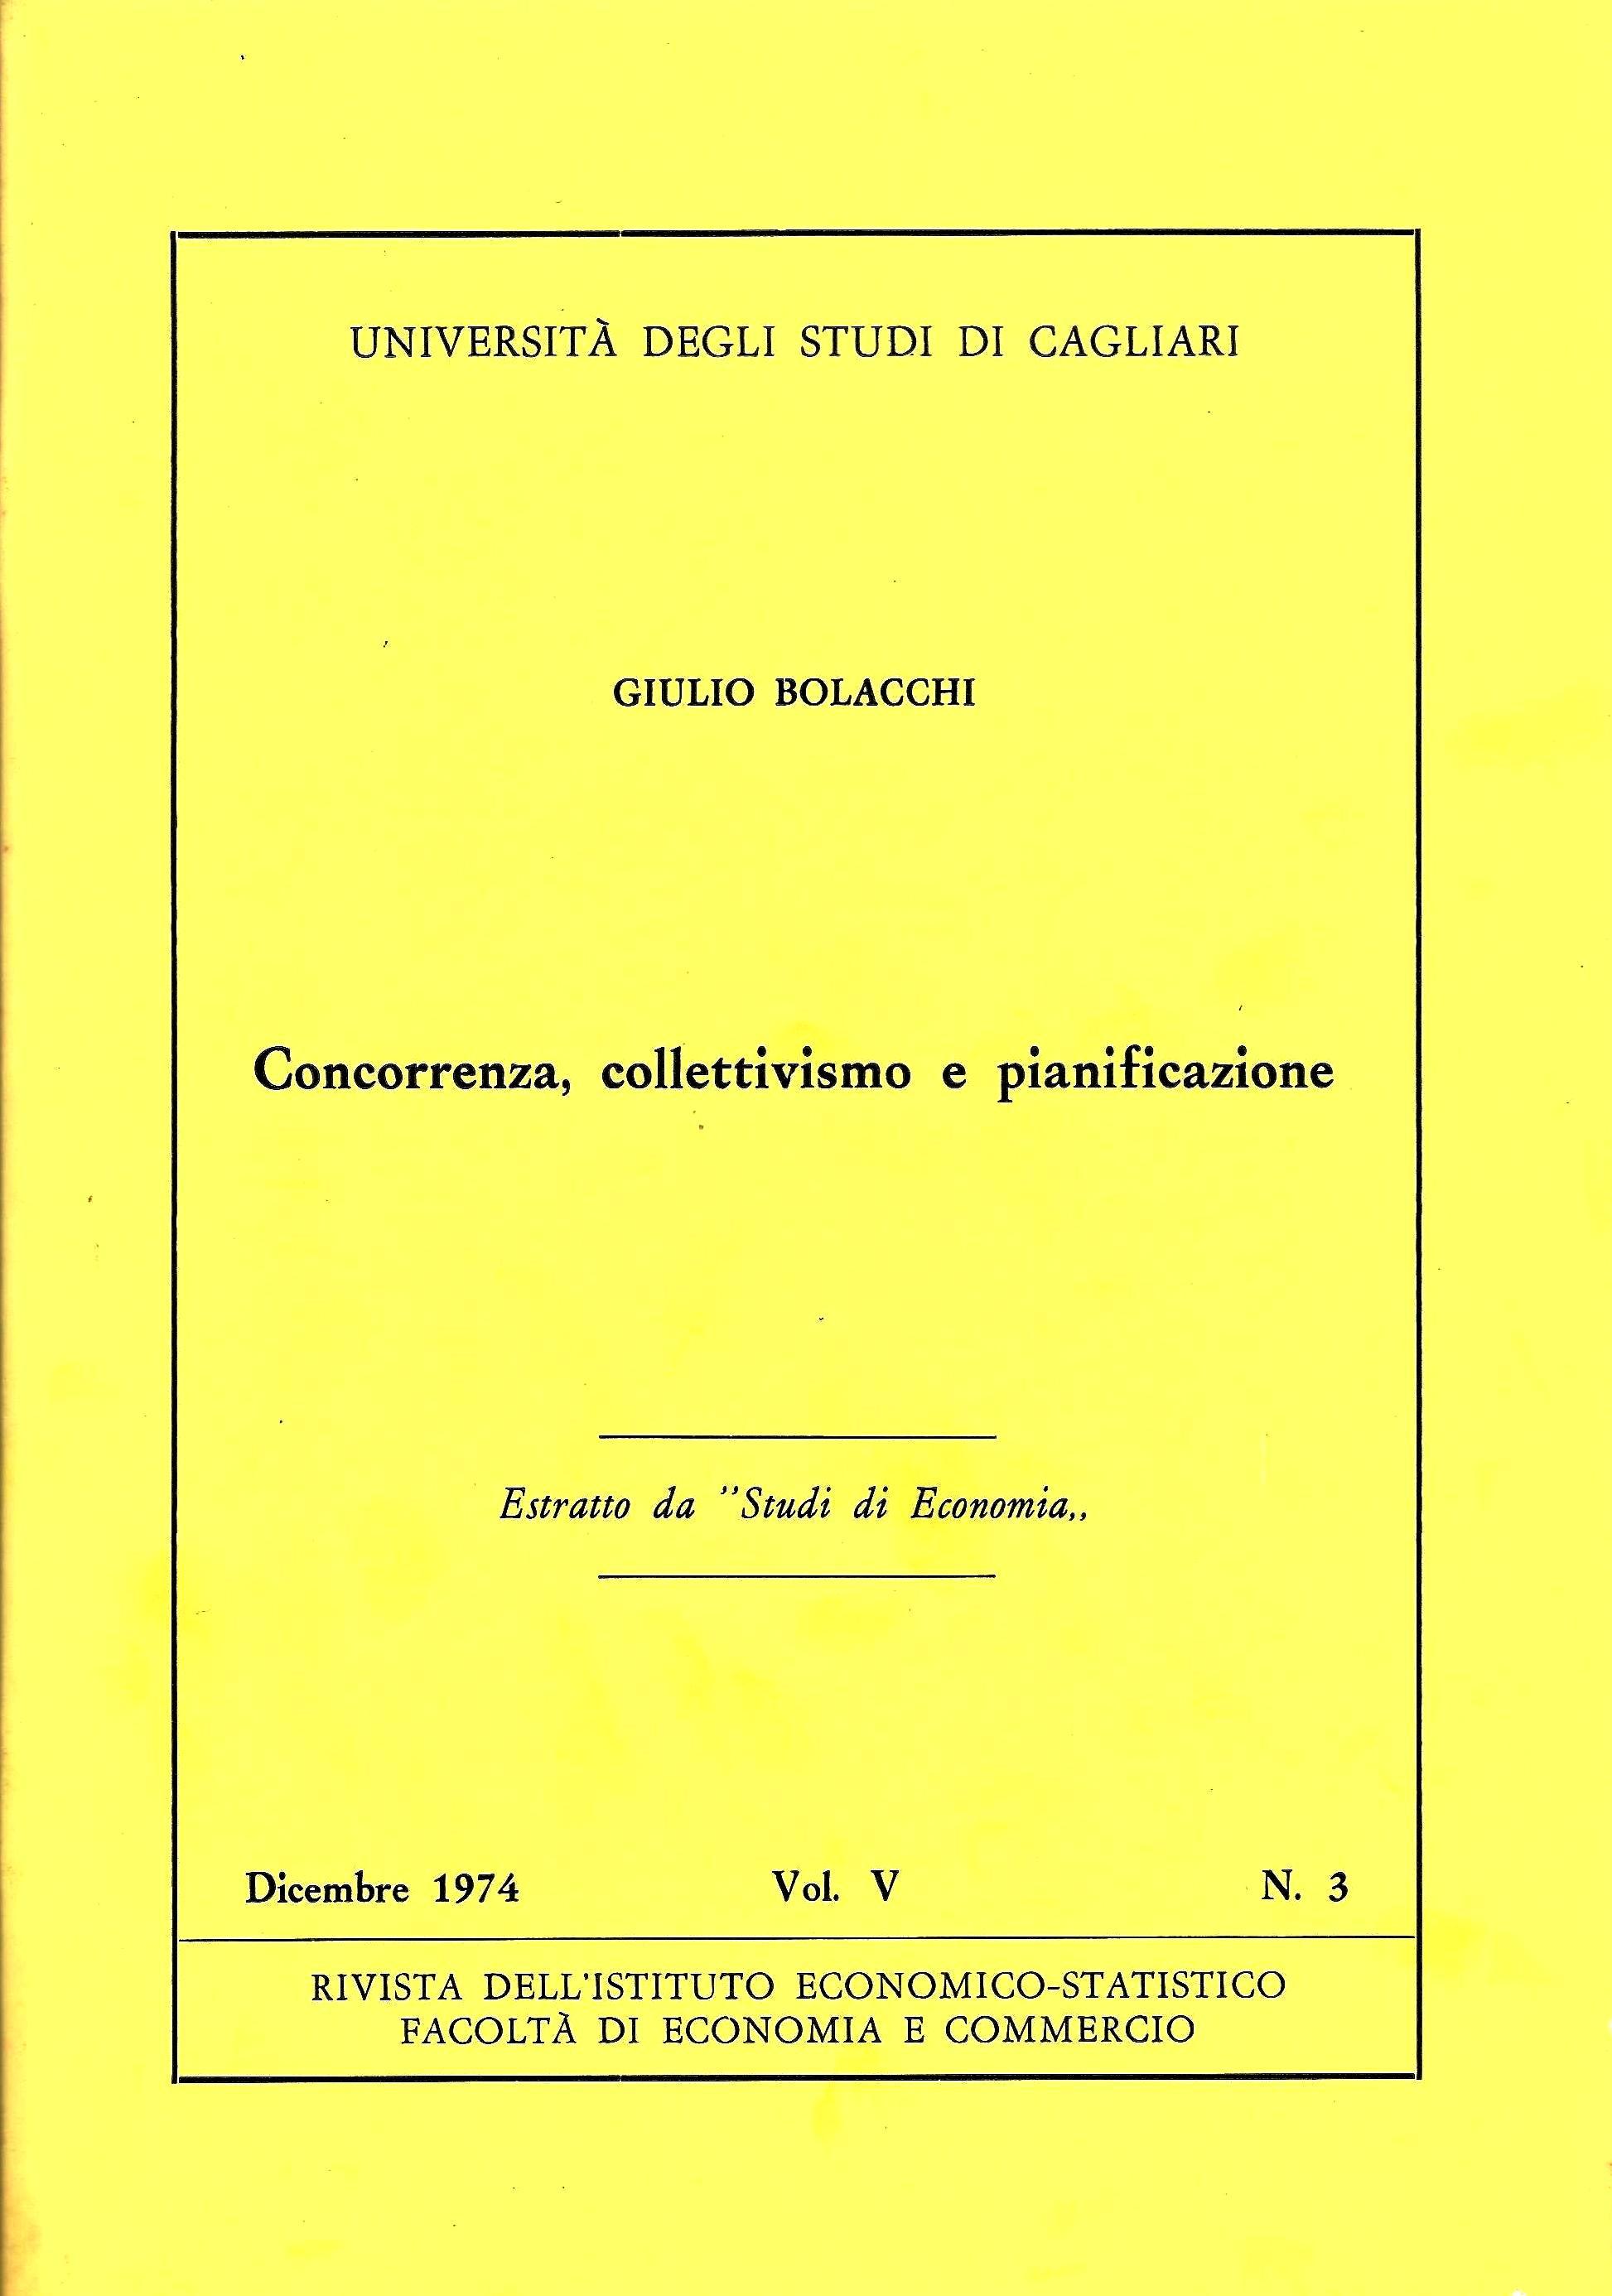 """G. Bolacchi, Concorrenza, collettivismo e pianificazione, """"Studi di Economia"""", vol. V, n. 3, pp. 3-49, 1974 (dicembre)"""